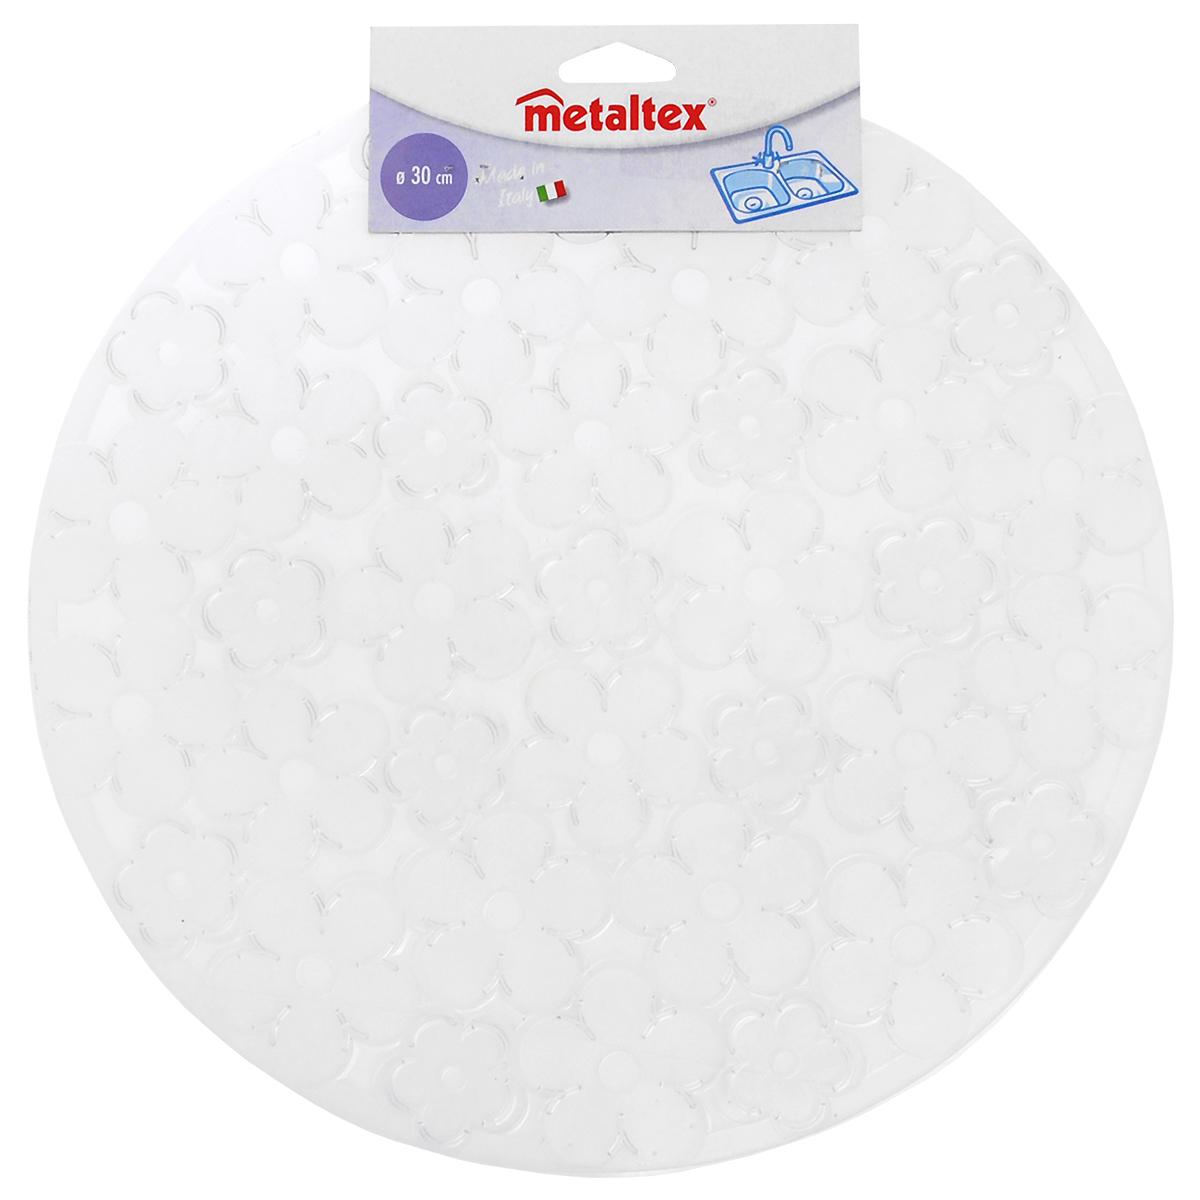 Коврик для раковины Metaltex, цвет: прозрачный, диаметр 30 см531-105Стильный и удобный коврик для раковины Metaltex выполнен из ПВХ. Он одновременно выполняет несколько функций: украшает, предотвращает появление на раковине царапин и сколов, защищает посуду от повреждений при падении в раковину, удерживает мусор, попадание которого в слив приводит к засорам. Изделие также обладает противоскользящим эффектом и может использоваться в качестве подставки для сушки чистой посуды. Легко очищается от грязи и жира.Диаметр: 30 см.